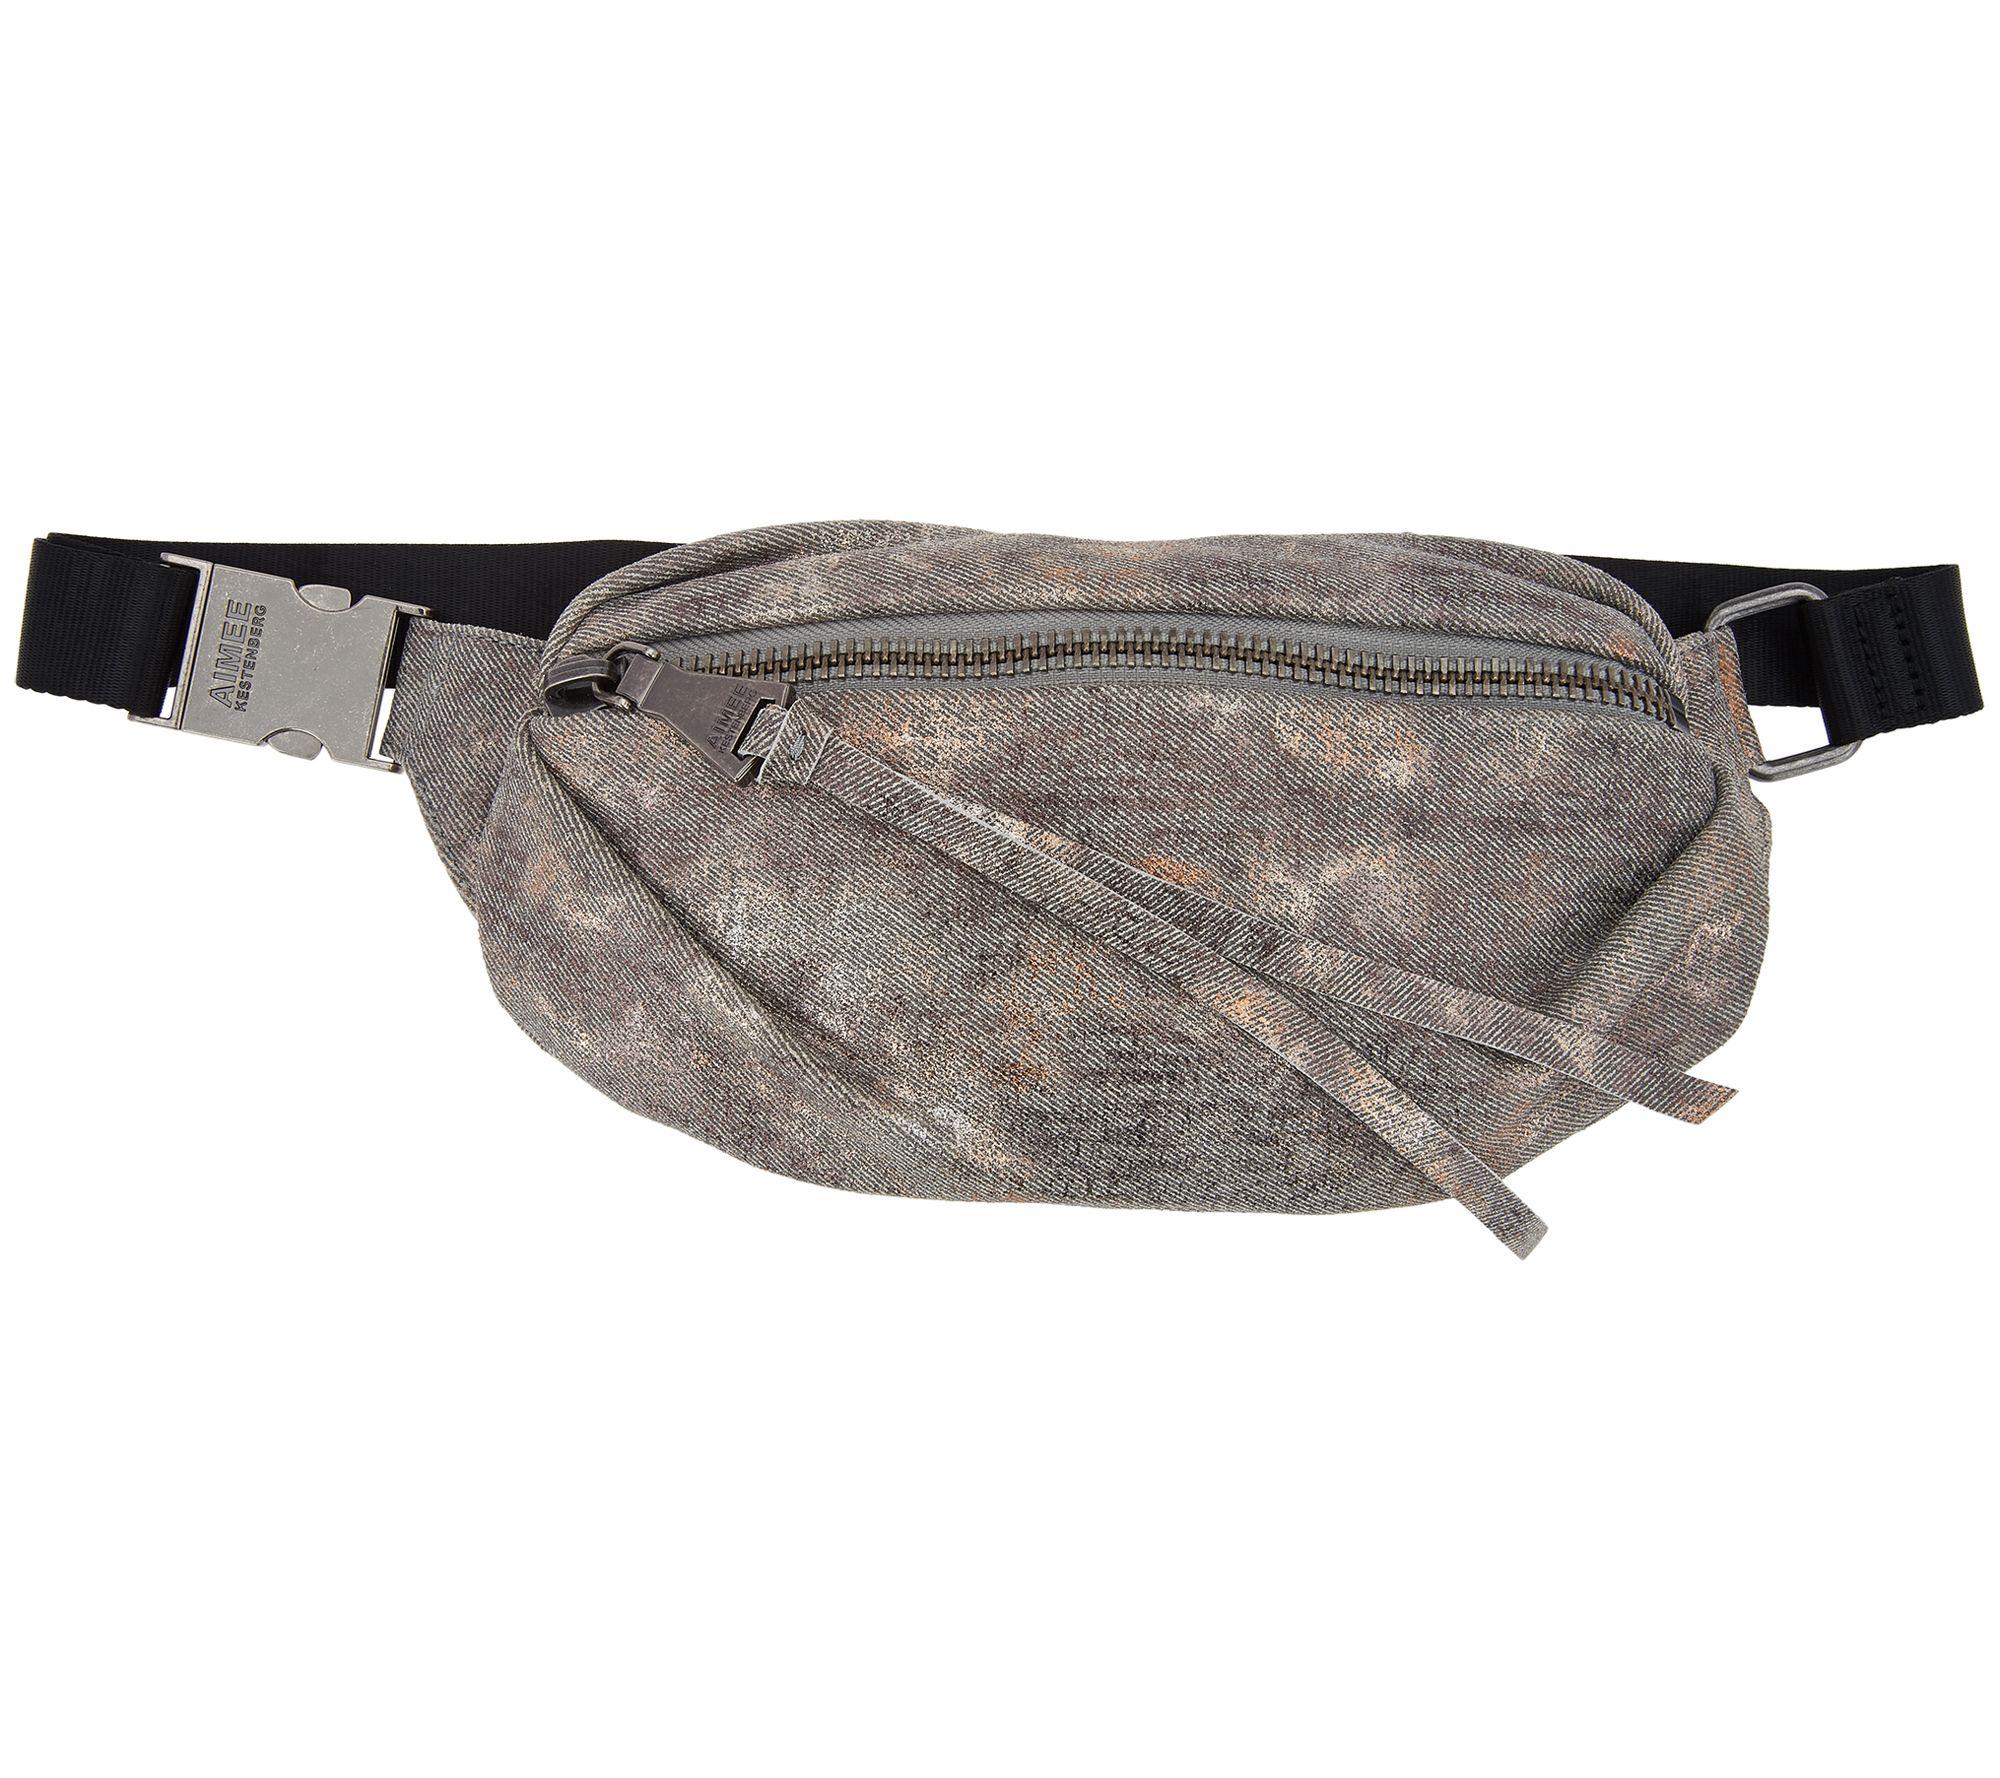 Vintage I Just Baked You Some Shut Sport Waist Bag Fanny Pack Adjustable